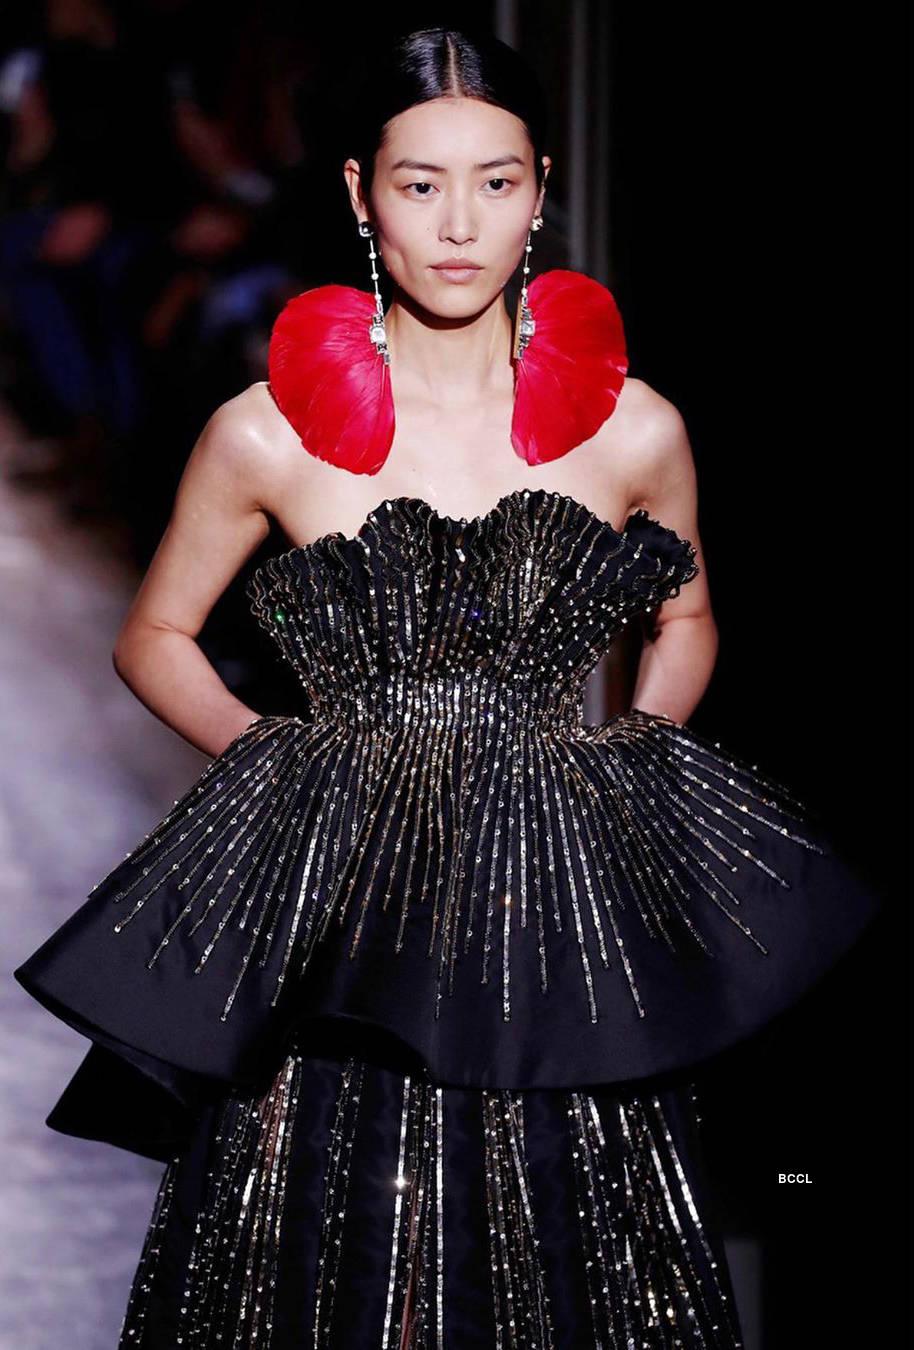 Meet China's first bona fide supermodel Liu Wen